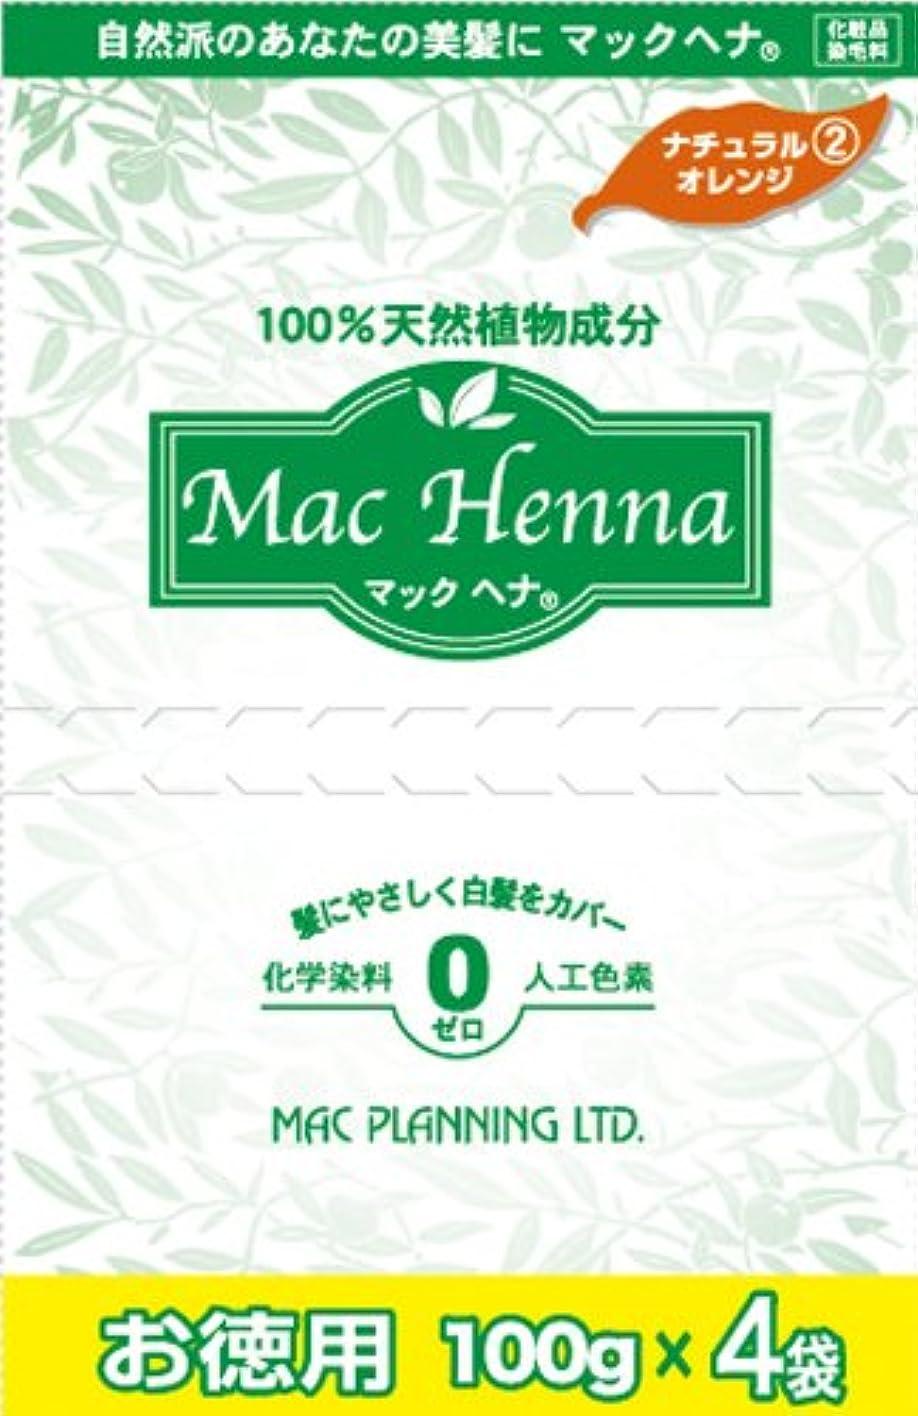 見つけるメッセージ顎天然植物原料100% 無添加 マックヘナ お徳用(ナチュラルオレンジ)-2  400g(100g×4袋) 2箱セット